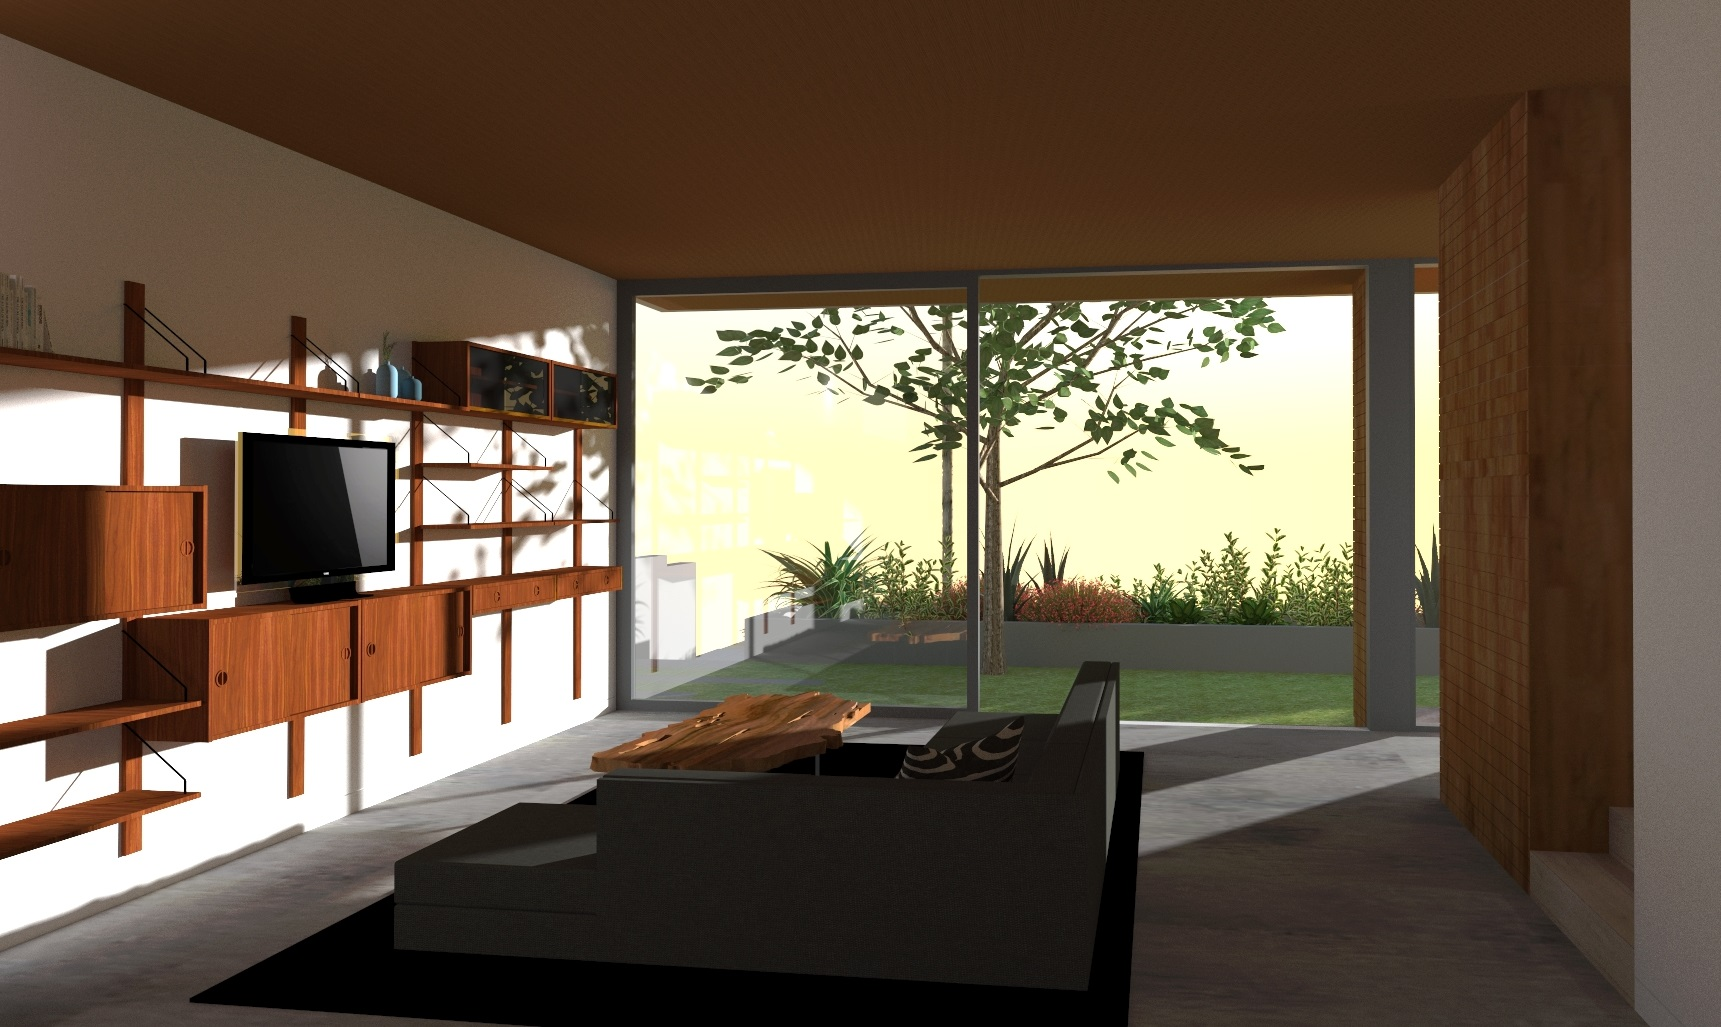 Sunset SLS_Interior Living Room_Rendering_Final_edit.jpg